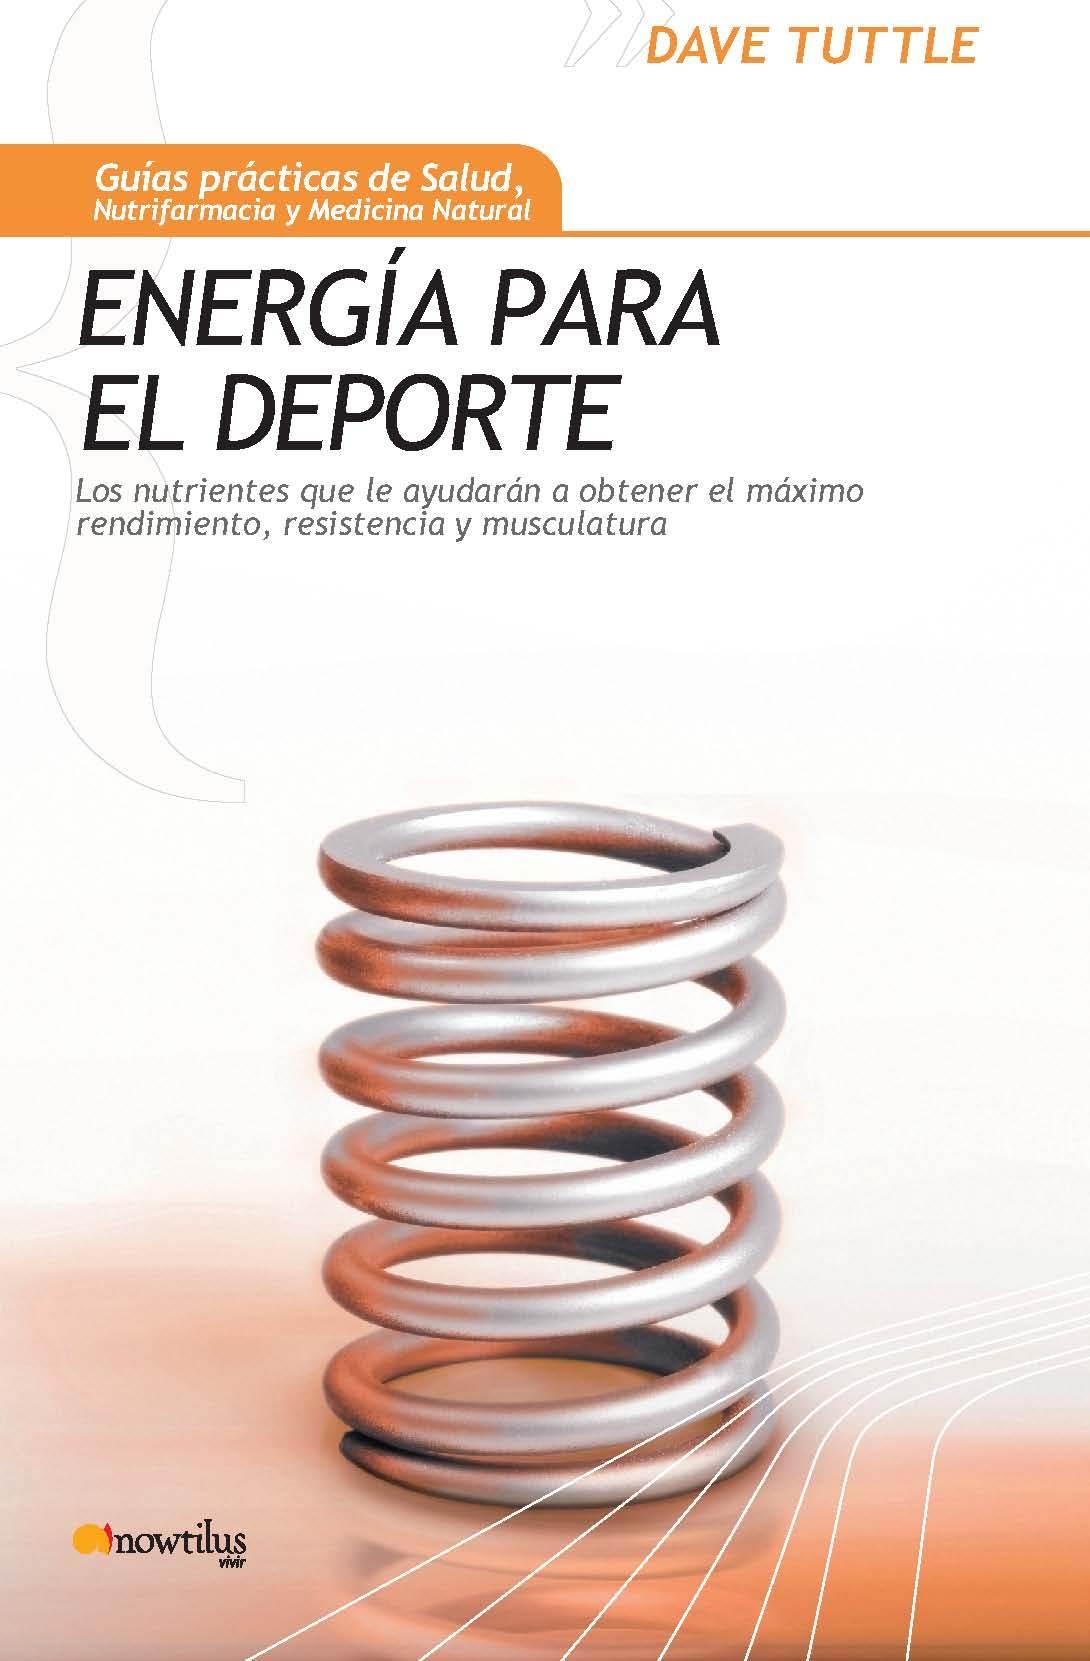 ENERGÍA PARA EL DEPORTE